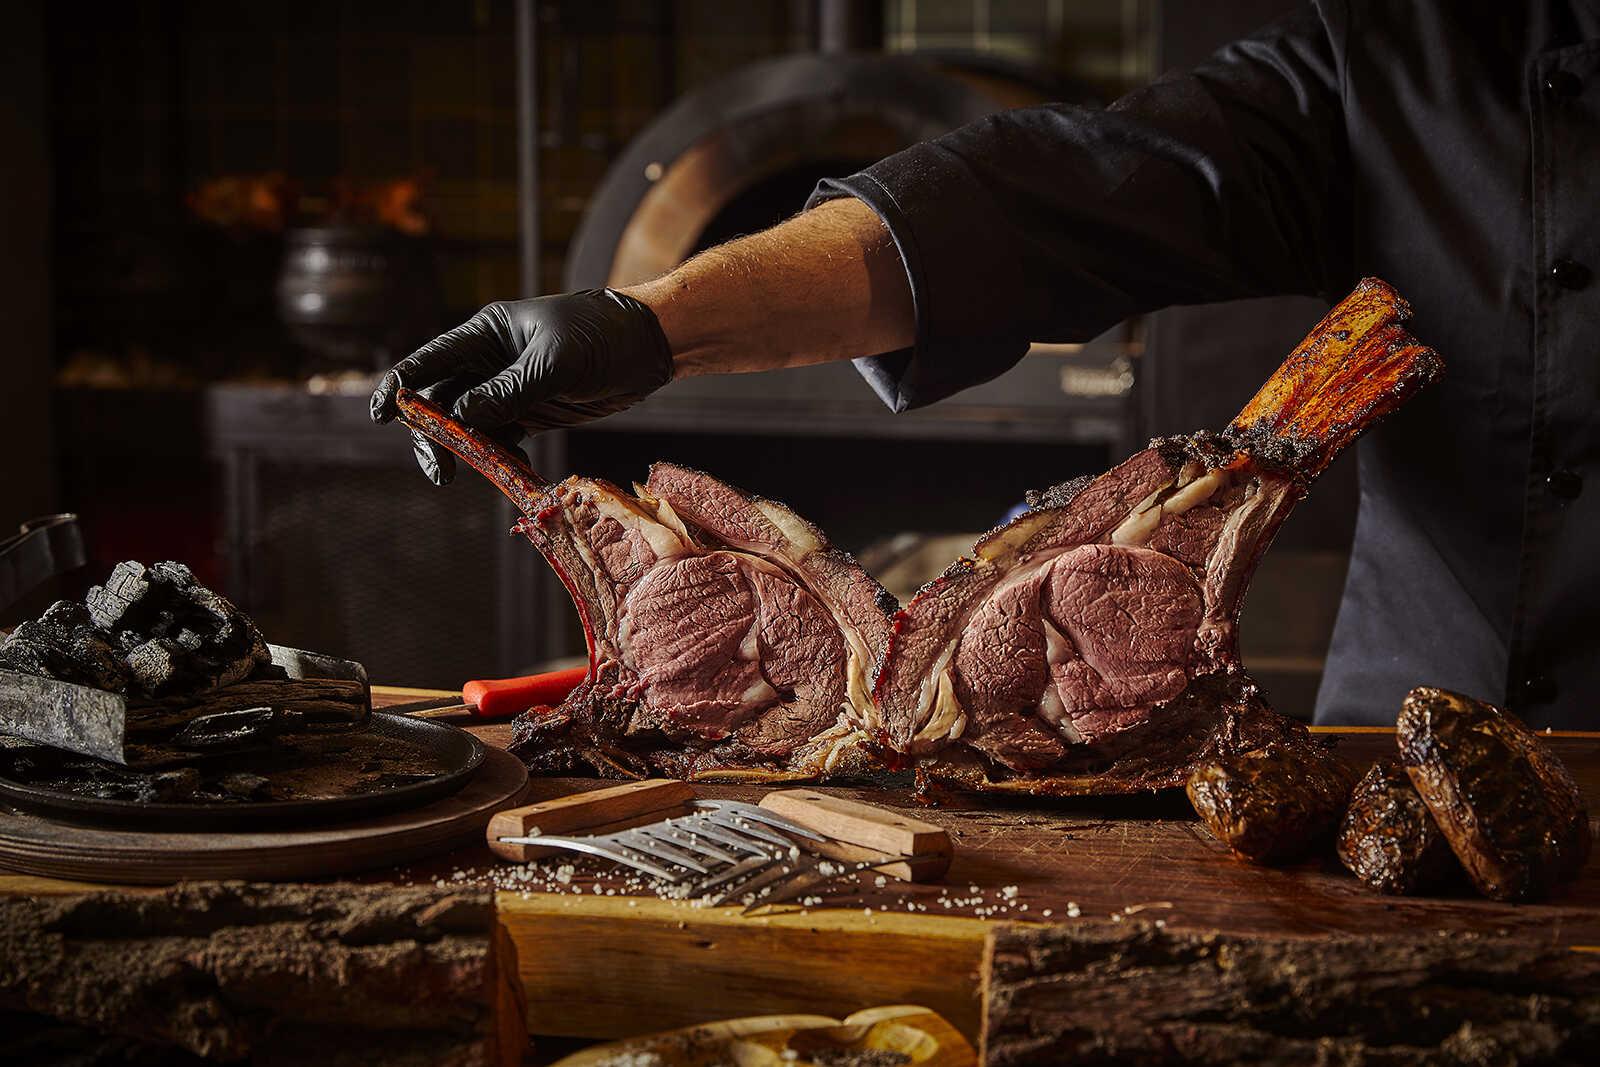 המסעדות הטובות ביותר ב פתח תקווה - פיטמאסטר